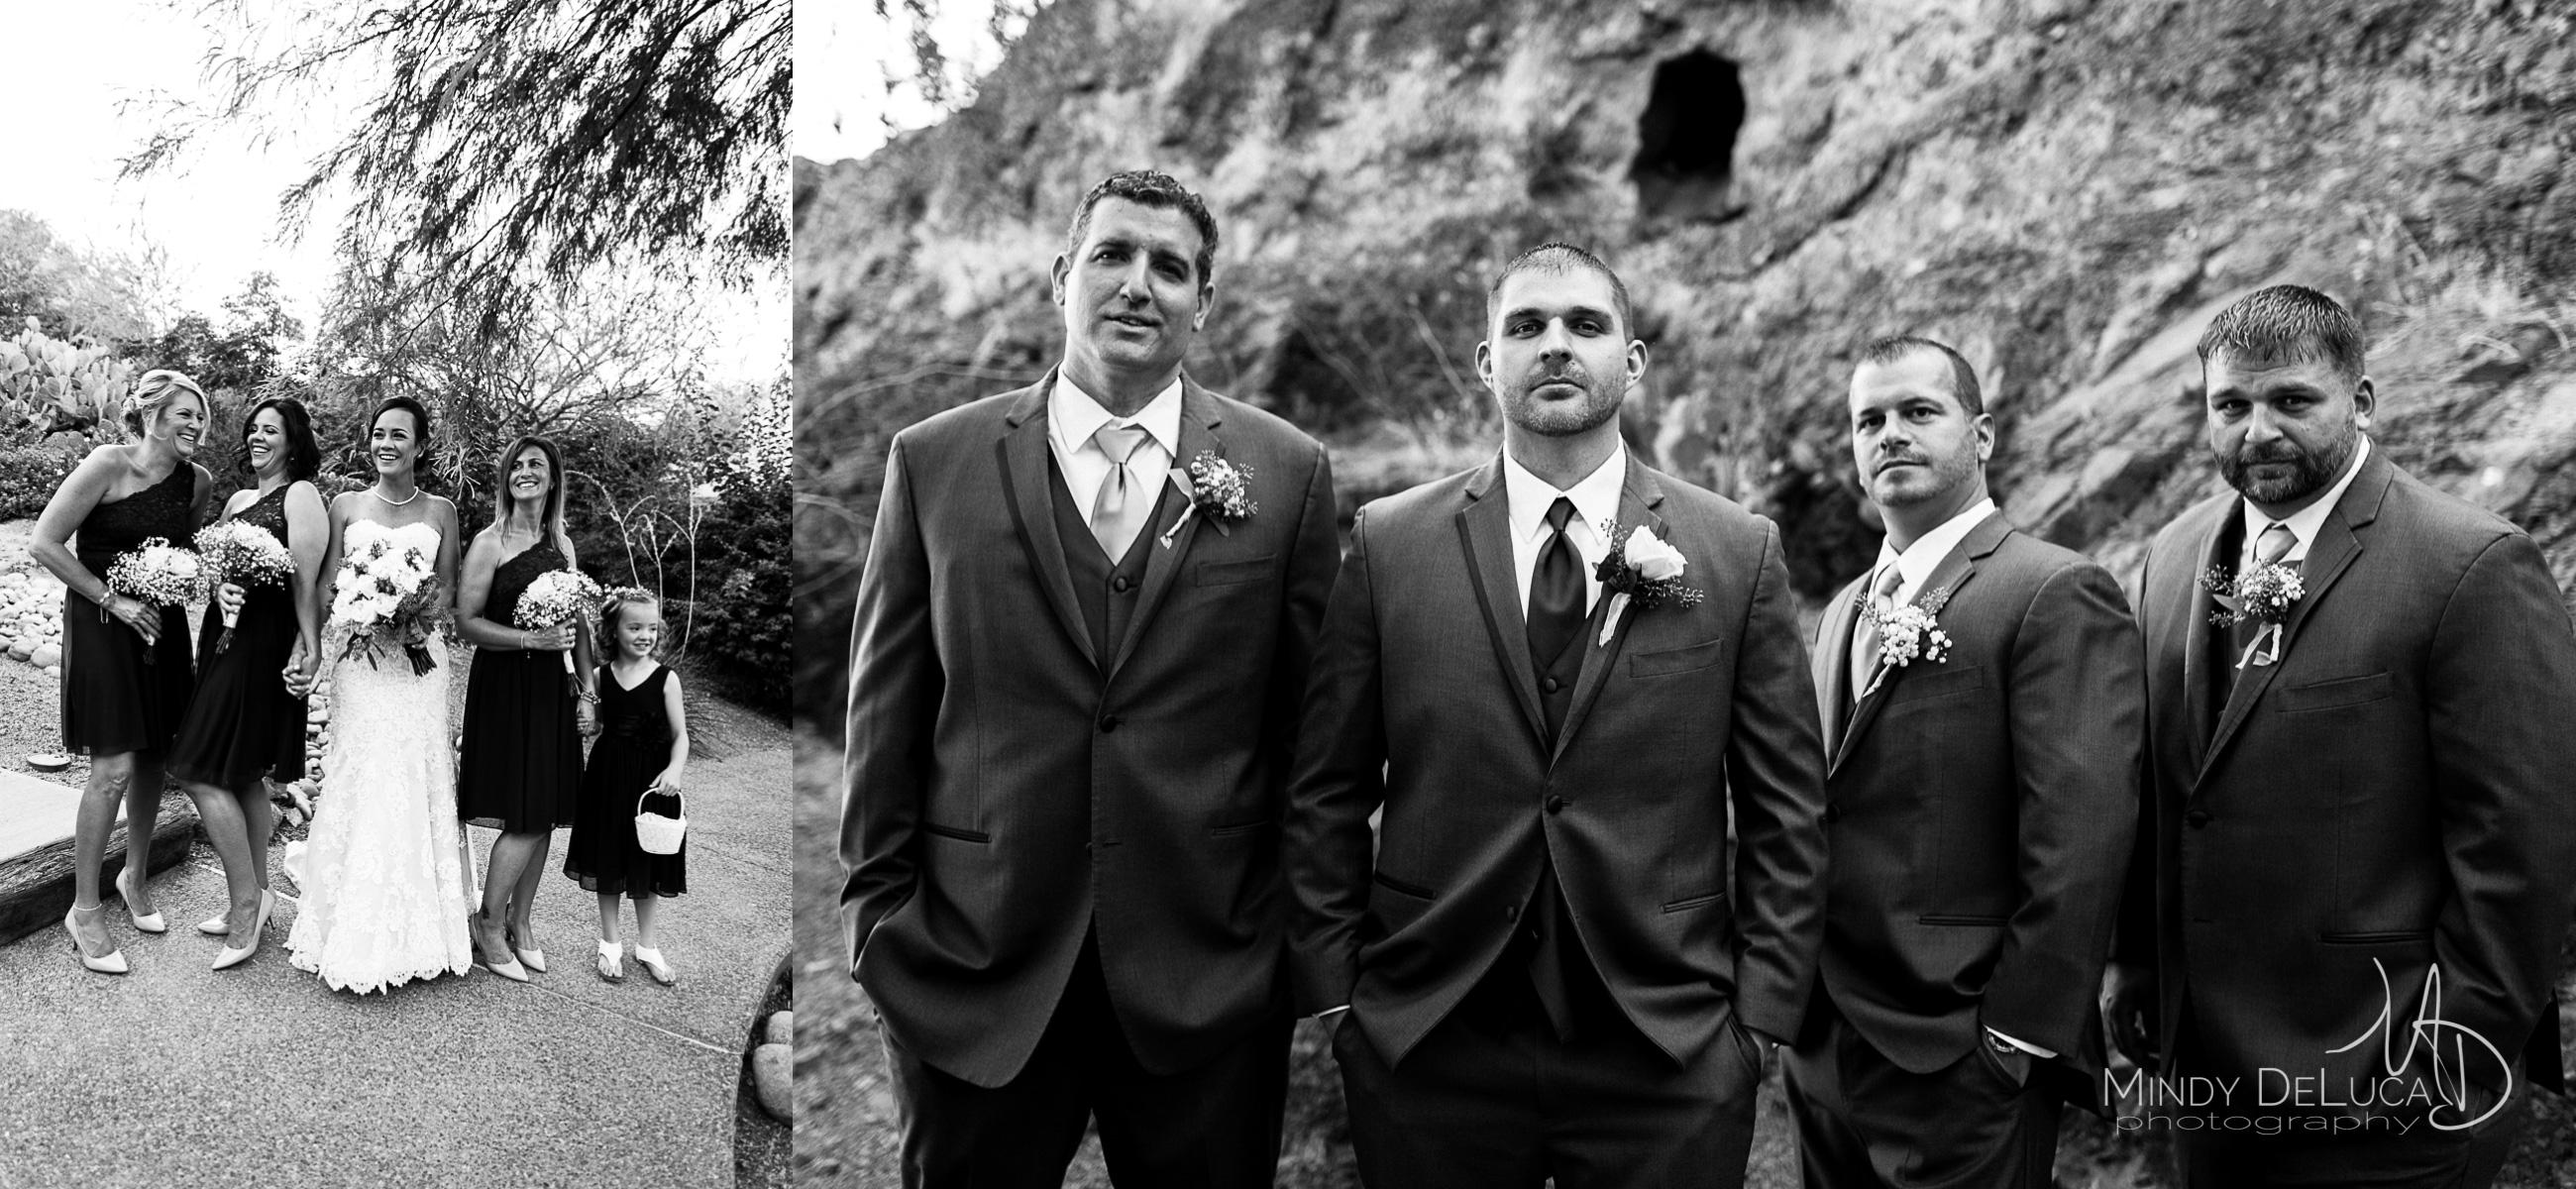 Bridal party black & white photos